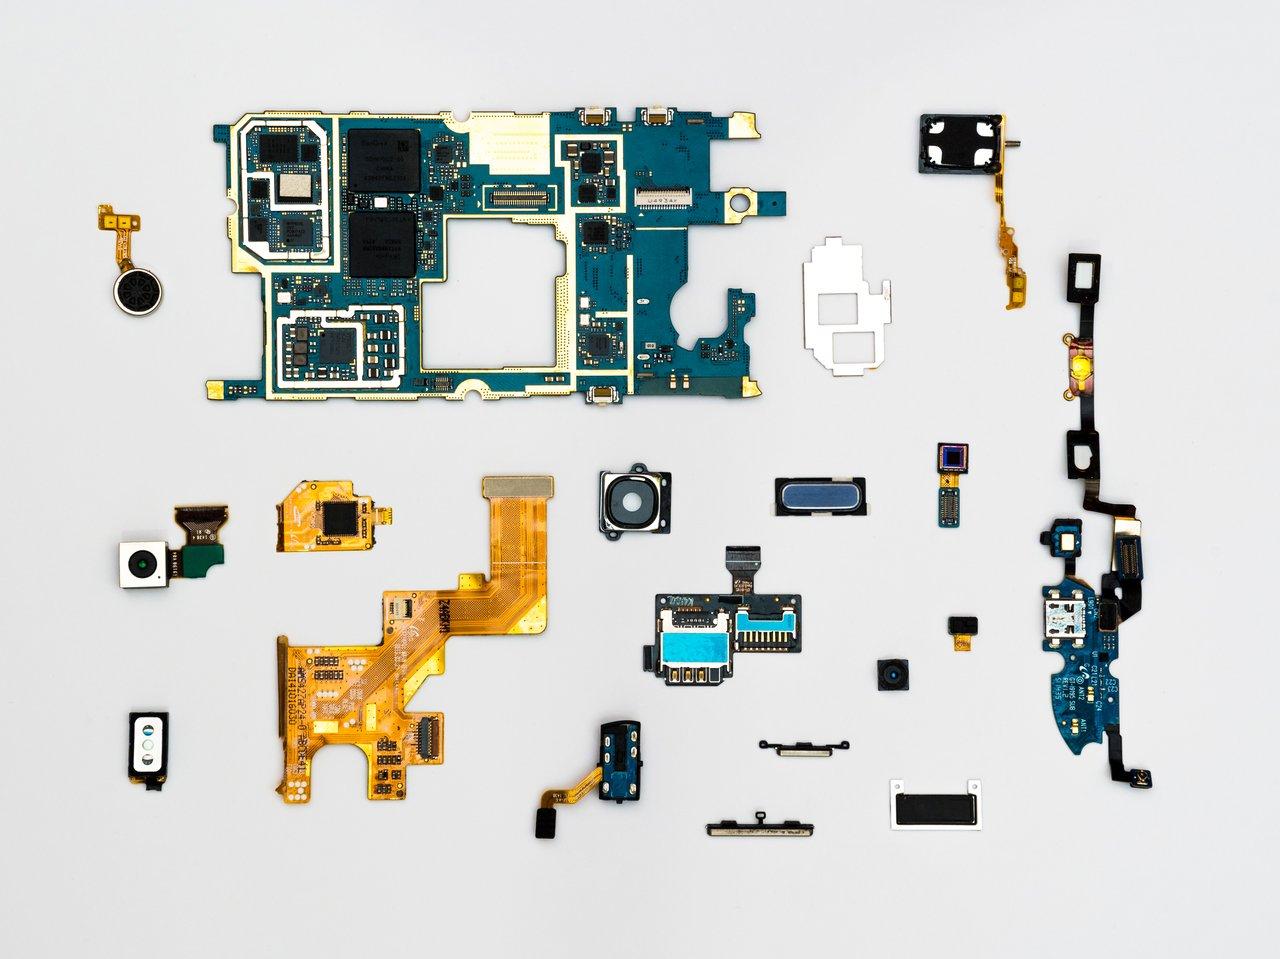 ανακατασκευασμένα laptops desktops αγορά μεταχειρισμένων